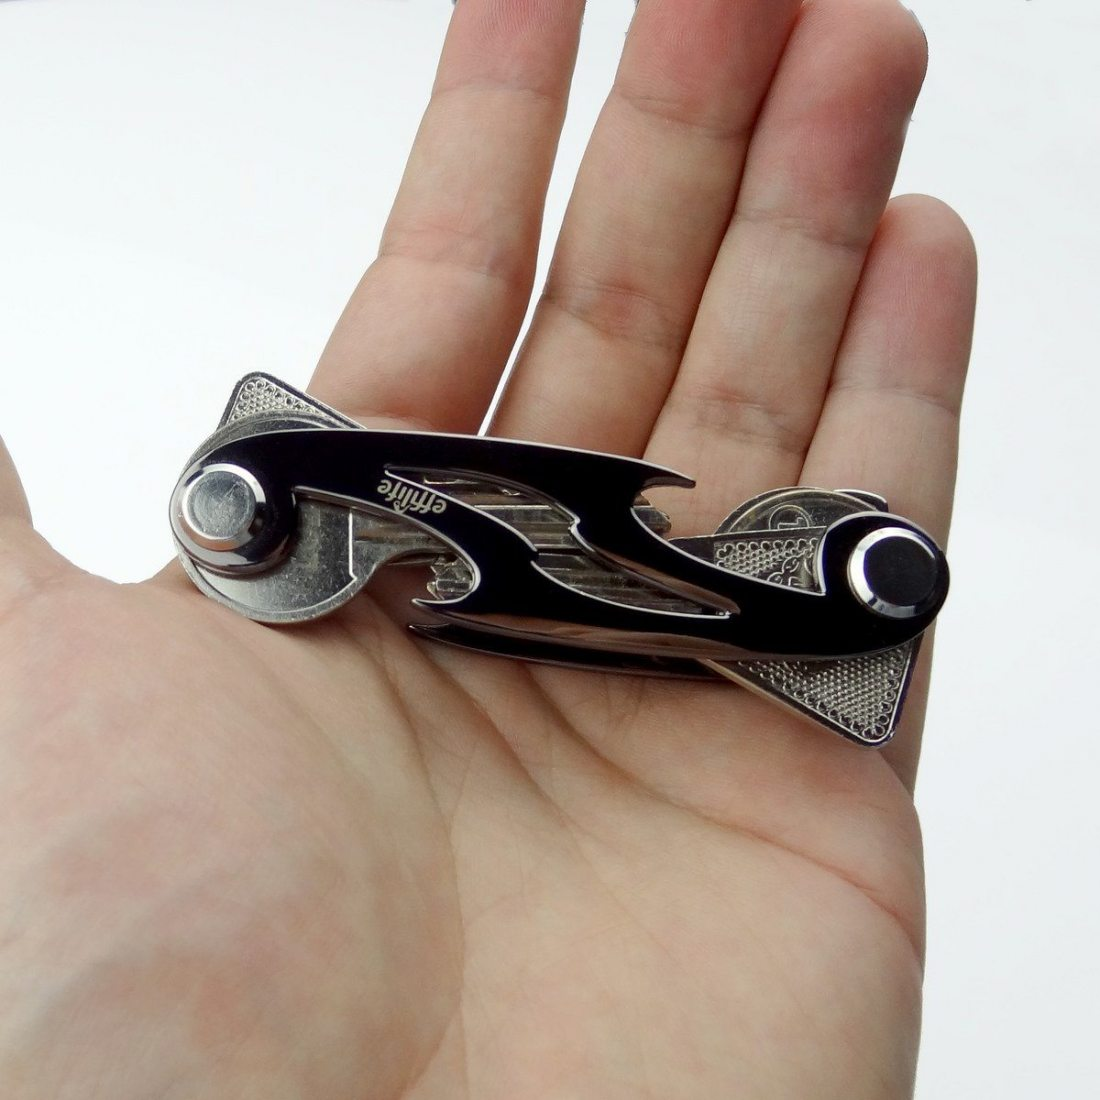 Effilife Porte-Clés / Organisateur de Clefs Compact & Plat, Noir.